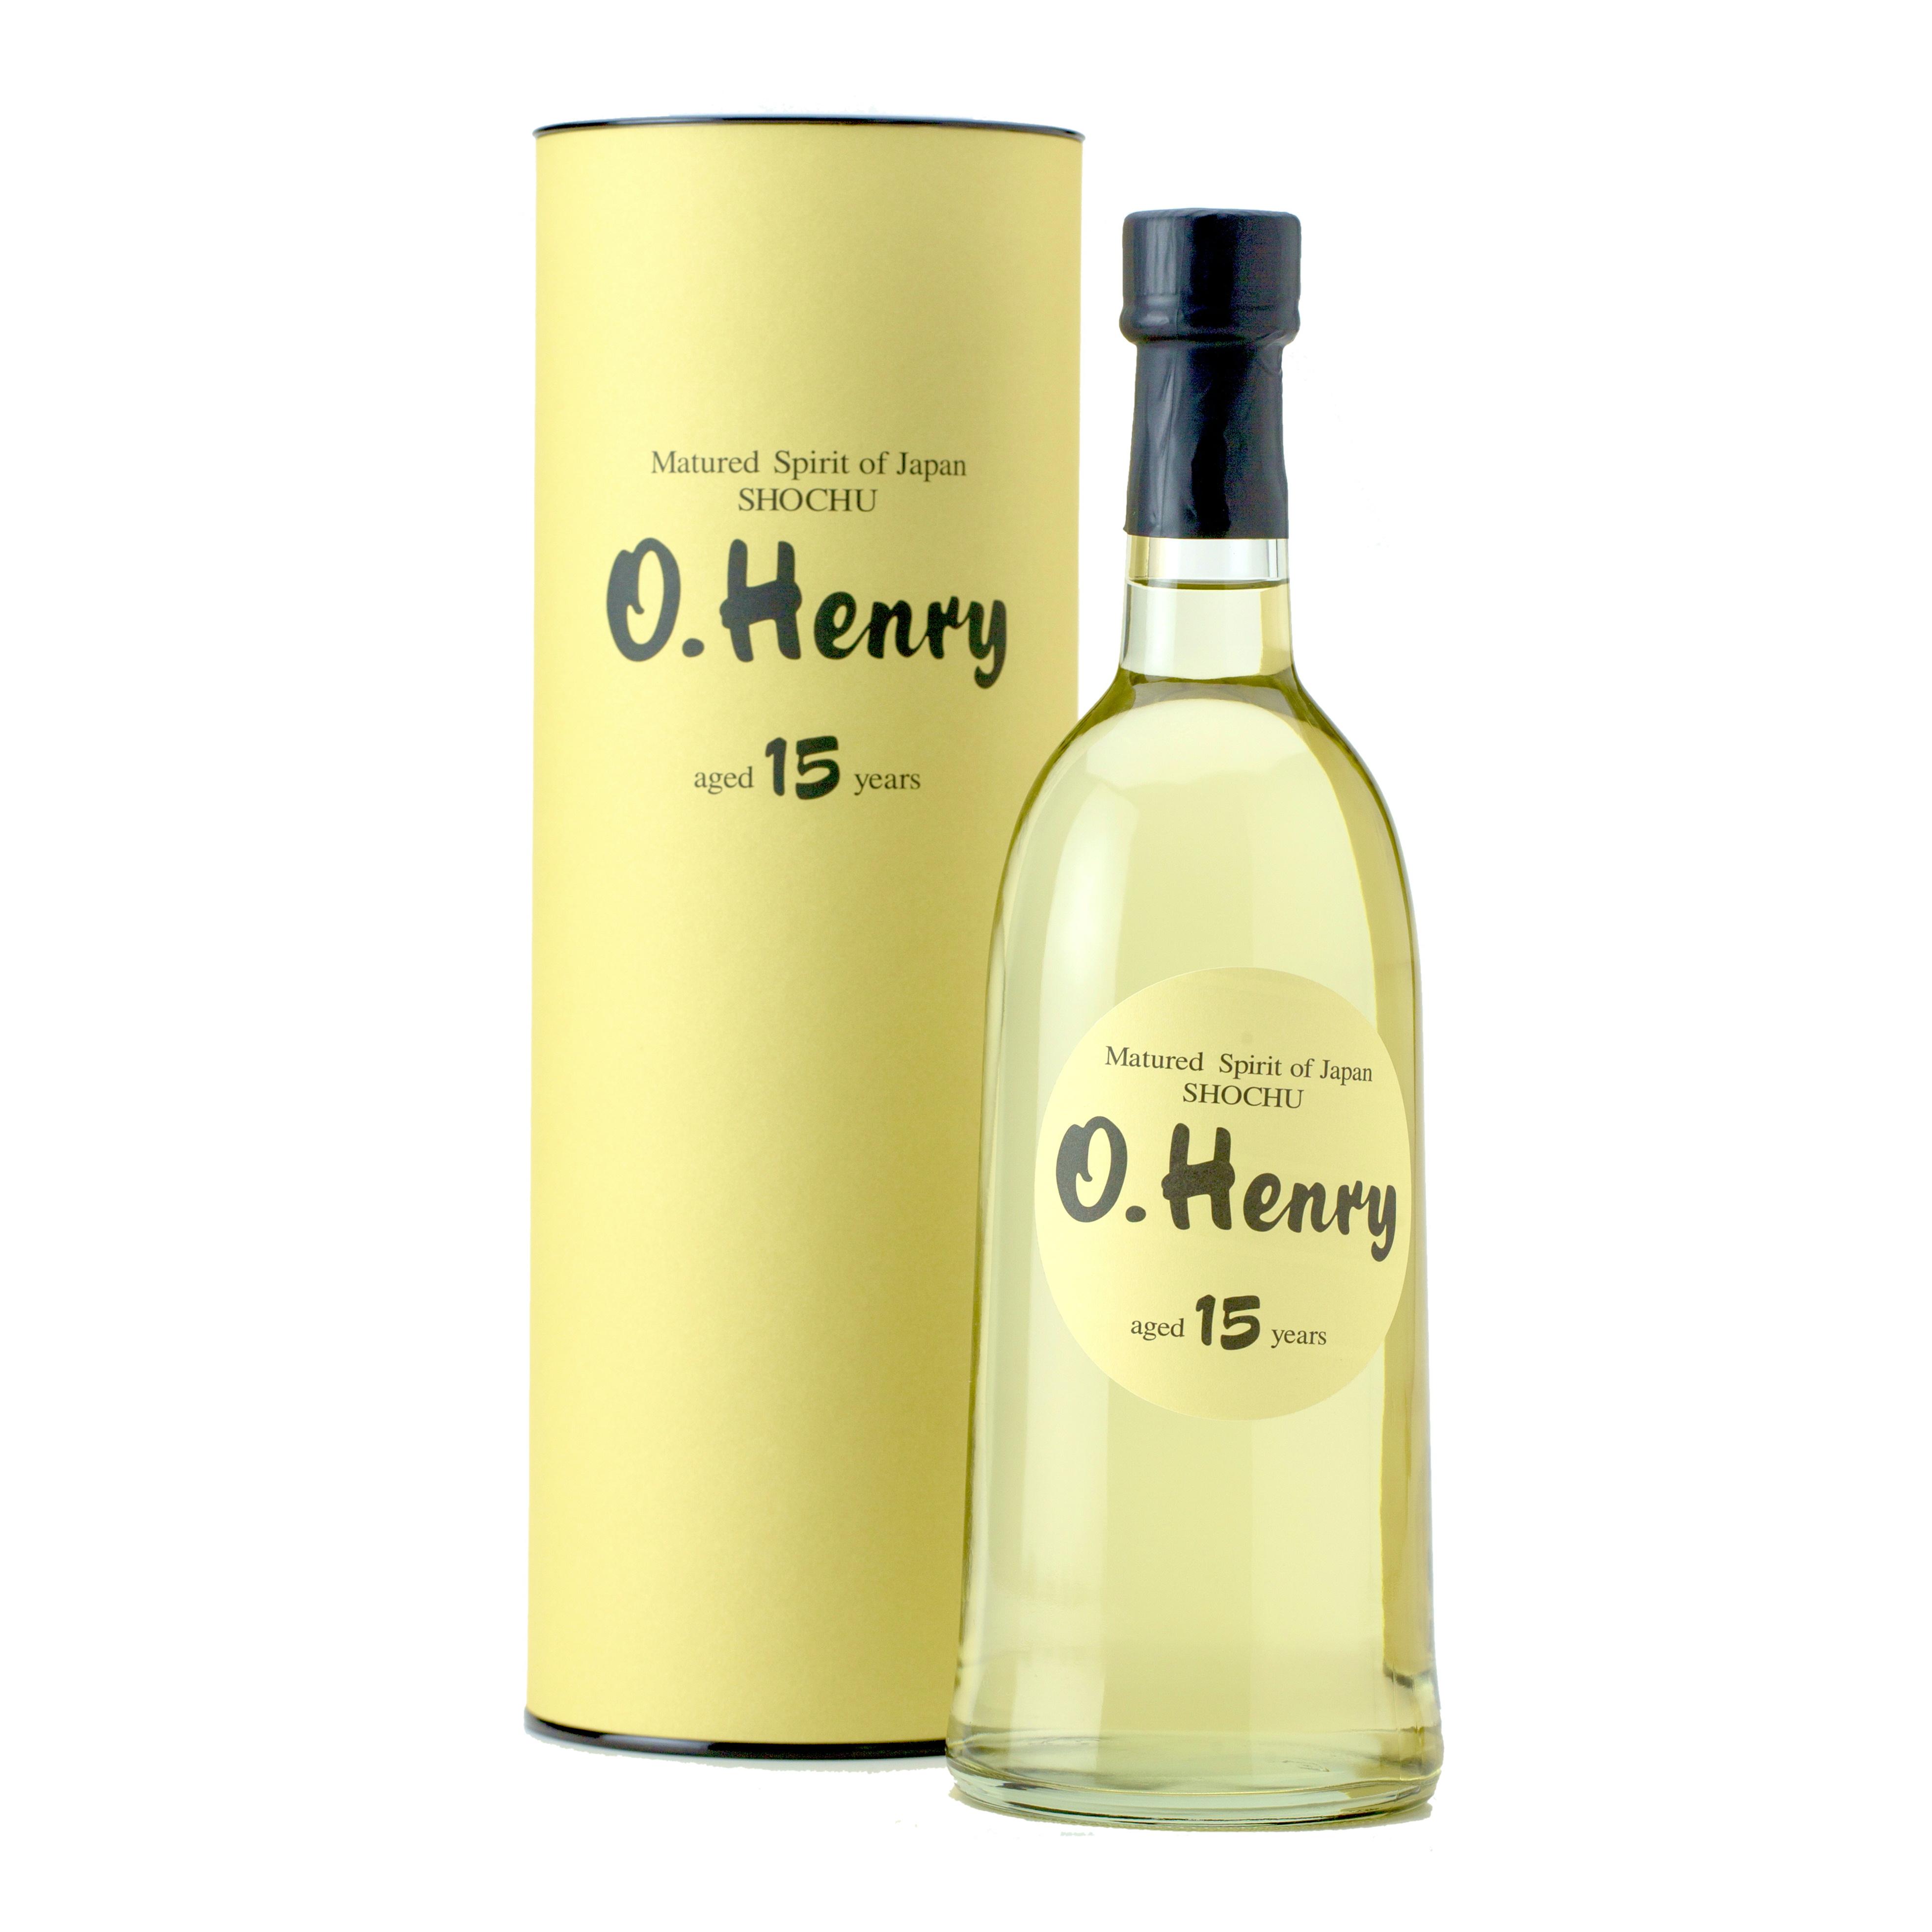 O Henry(オーヘンリー) 15年  750ml 【専用化粧箱入】